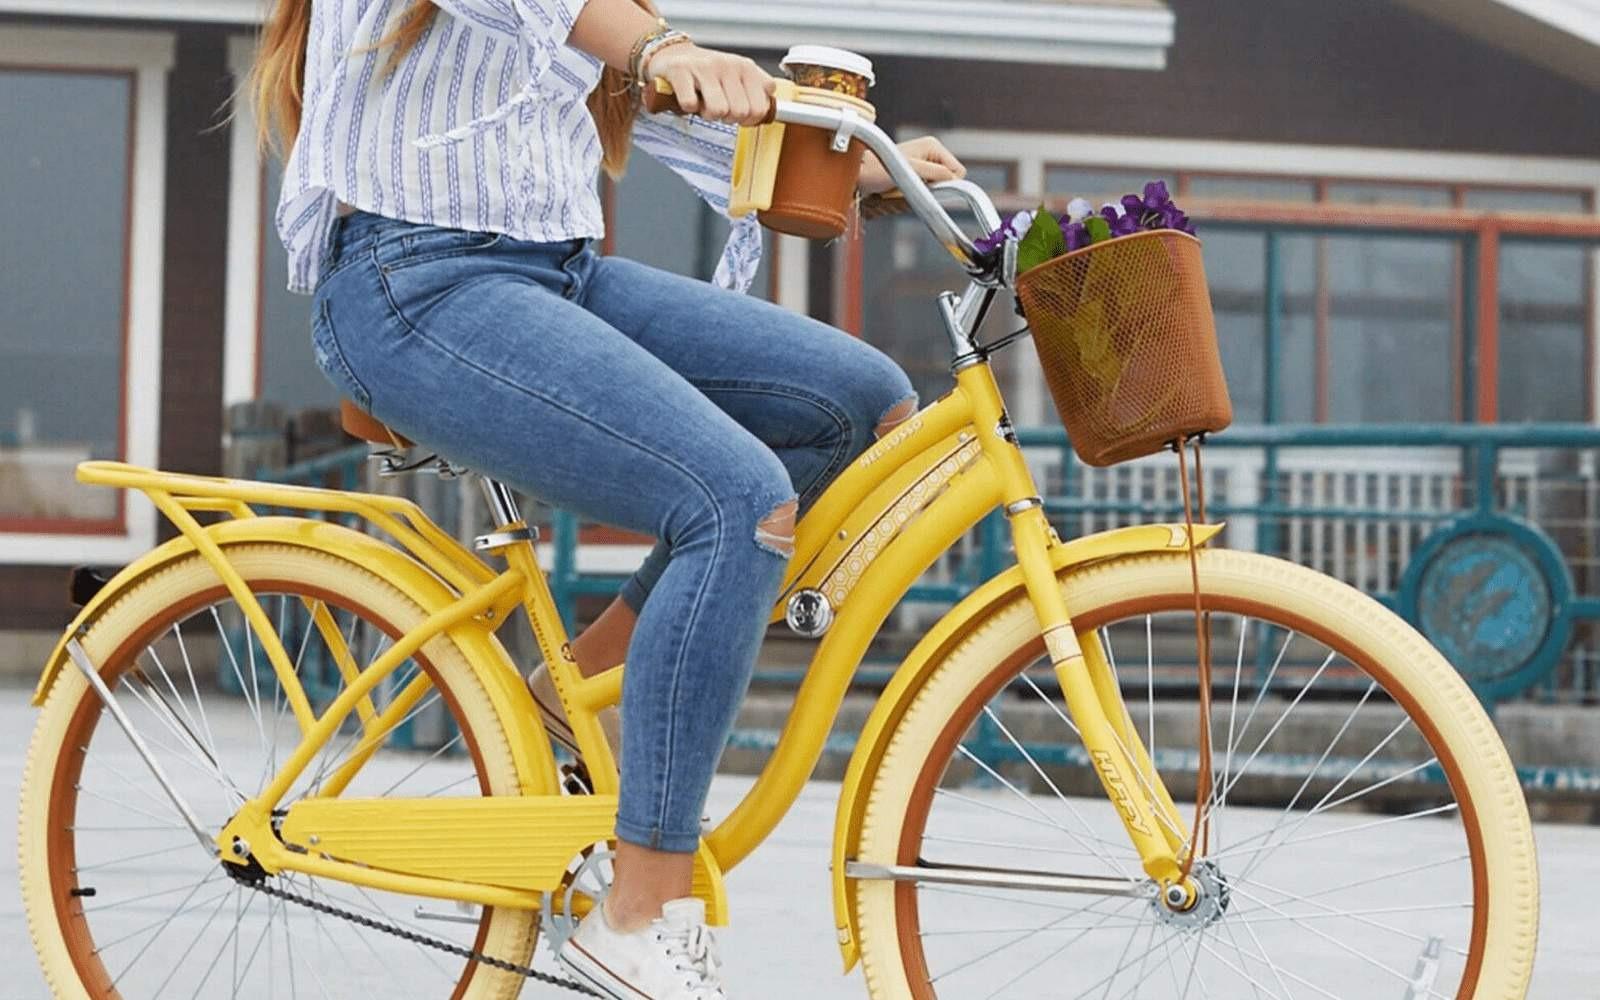 Manfaat Bersepeda untuk Kesehatan Penderita Diabetes Saat New Normal